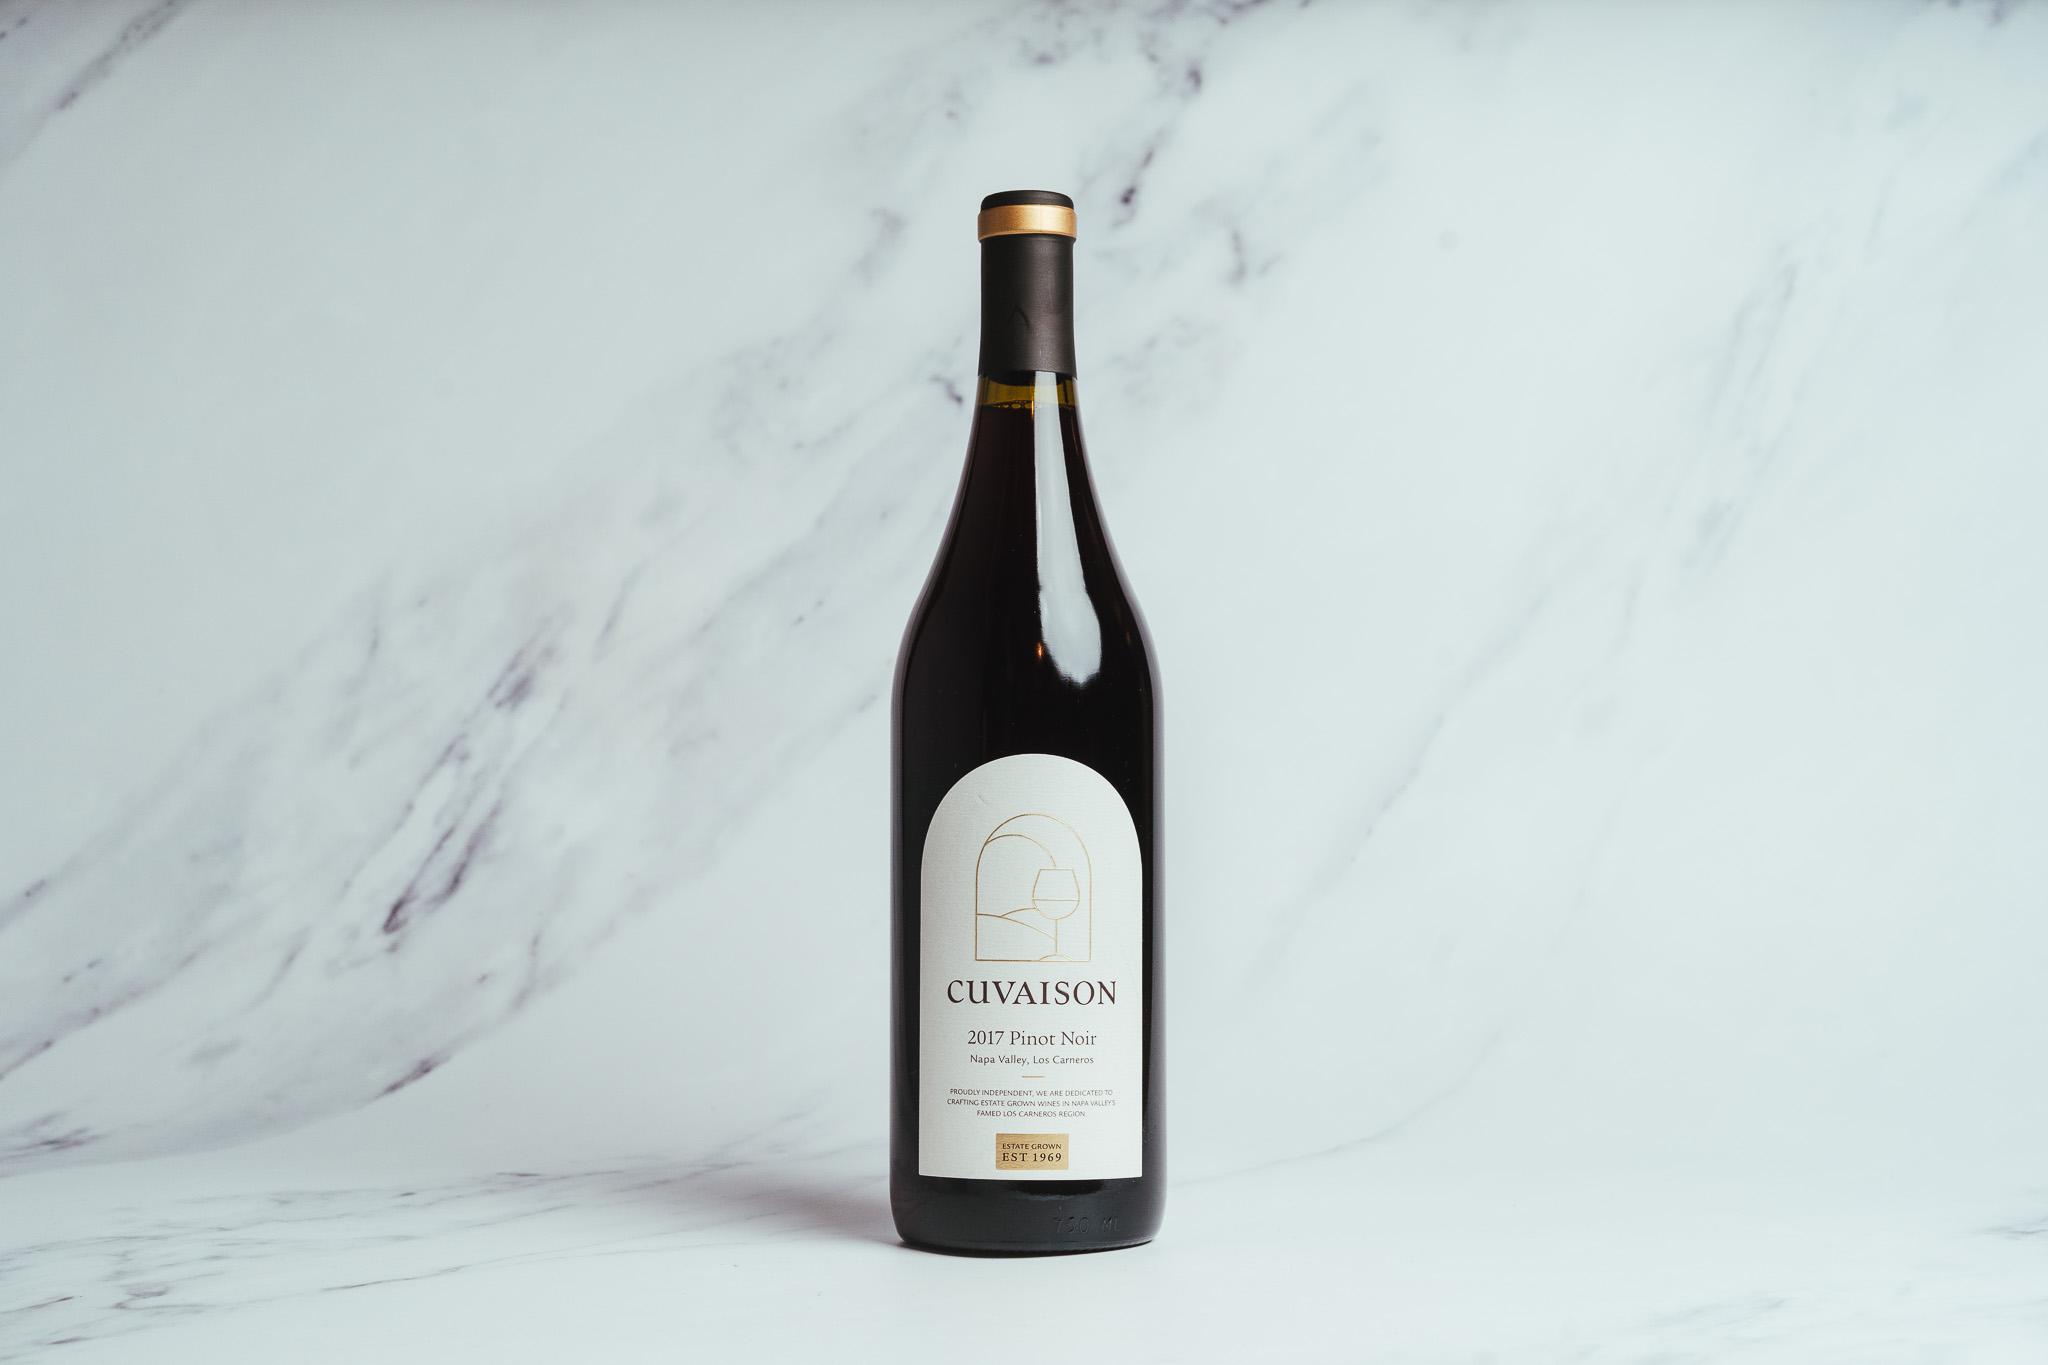 Cuvaison Pinot Noir